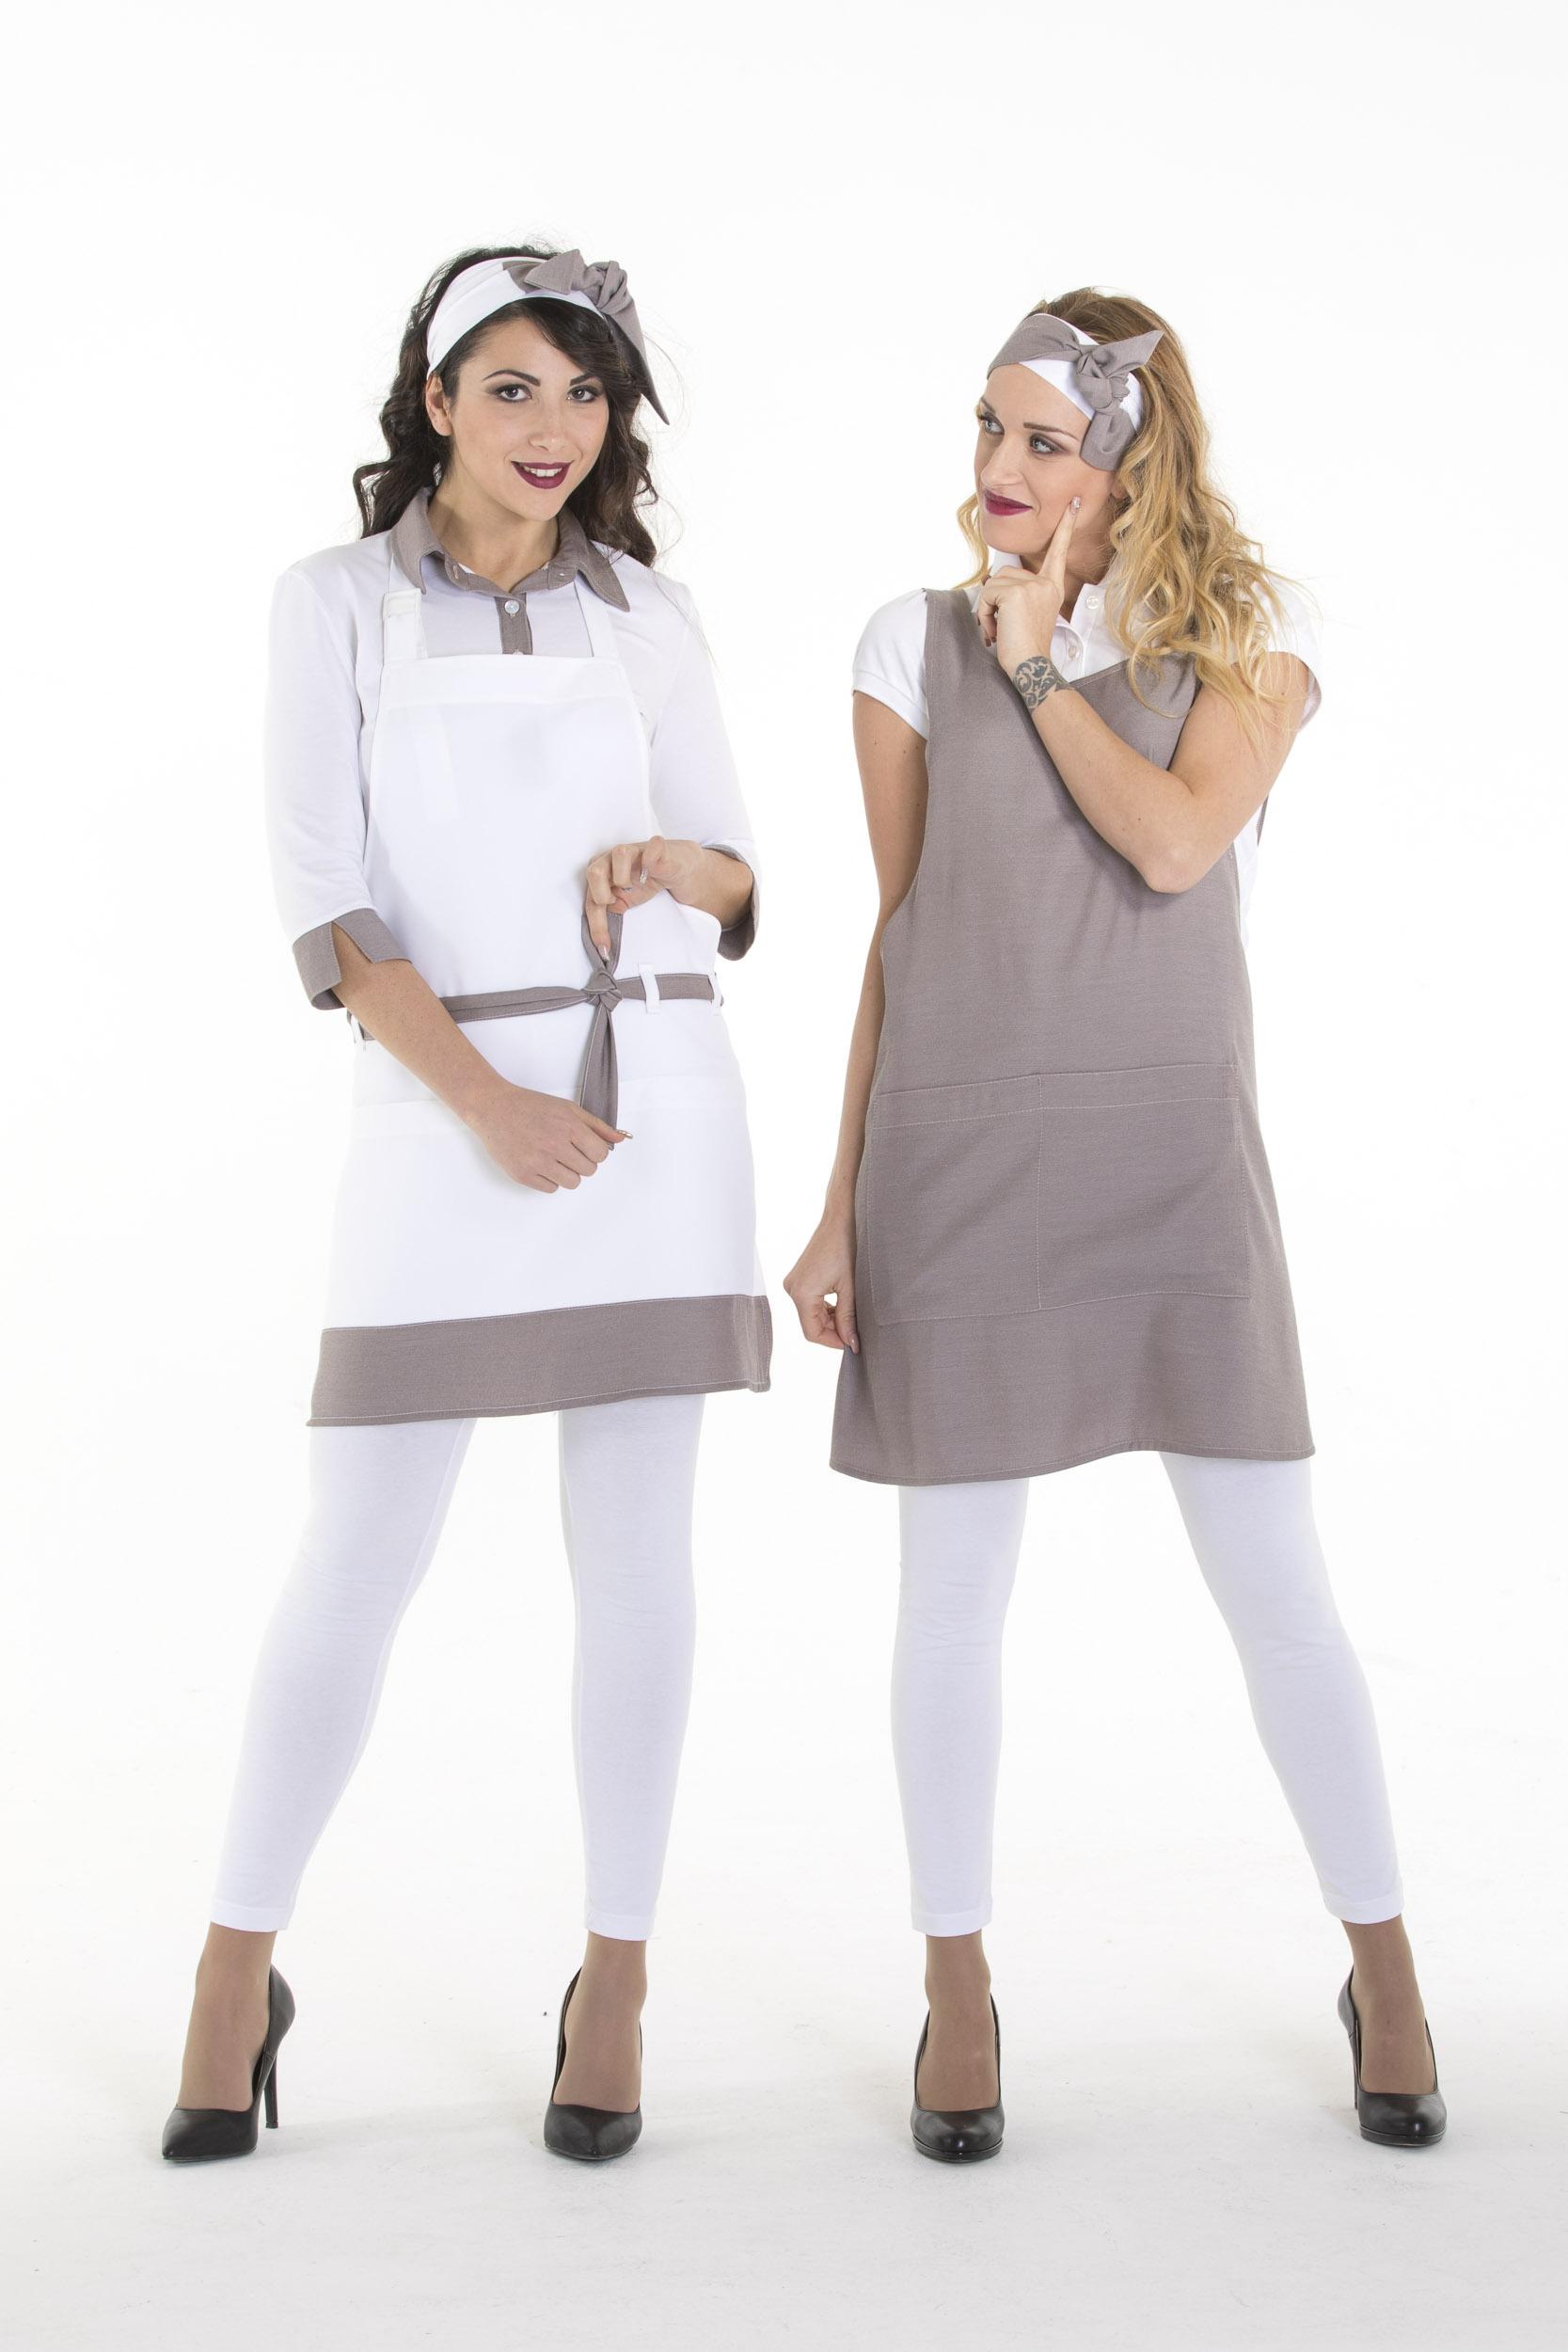 divise per pizzerie, ristoranti - Creativity clothingsxwork -